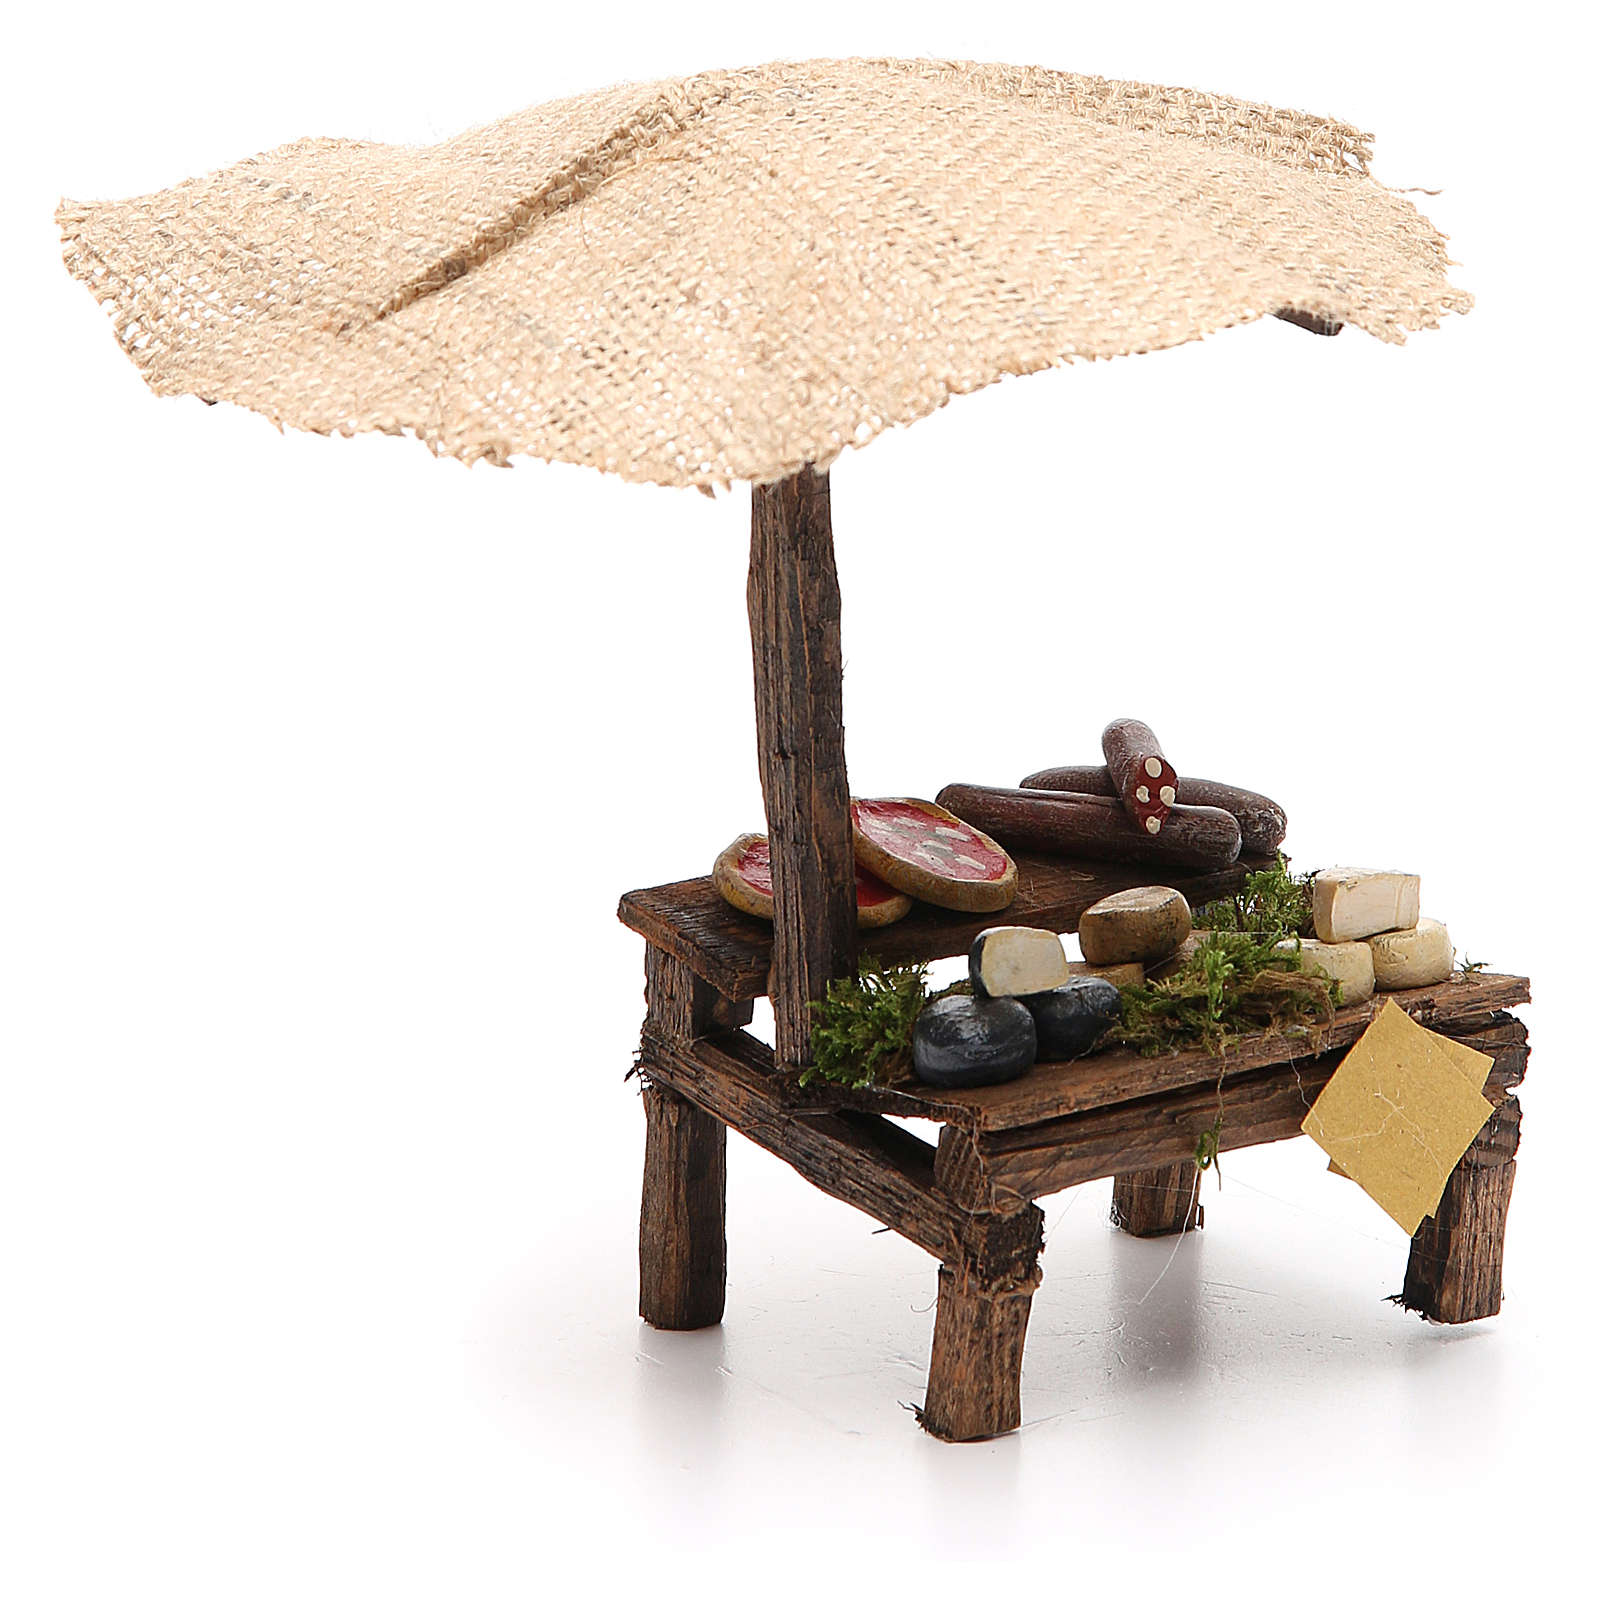 Banchetto presepe con ombrello pizza formaggi 16x10x12 cm 4